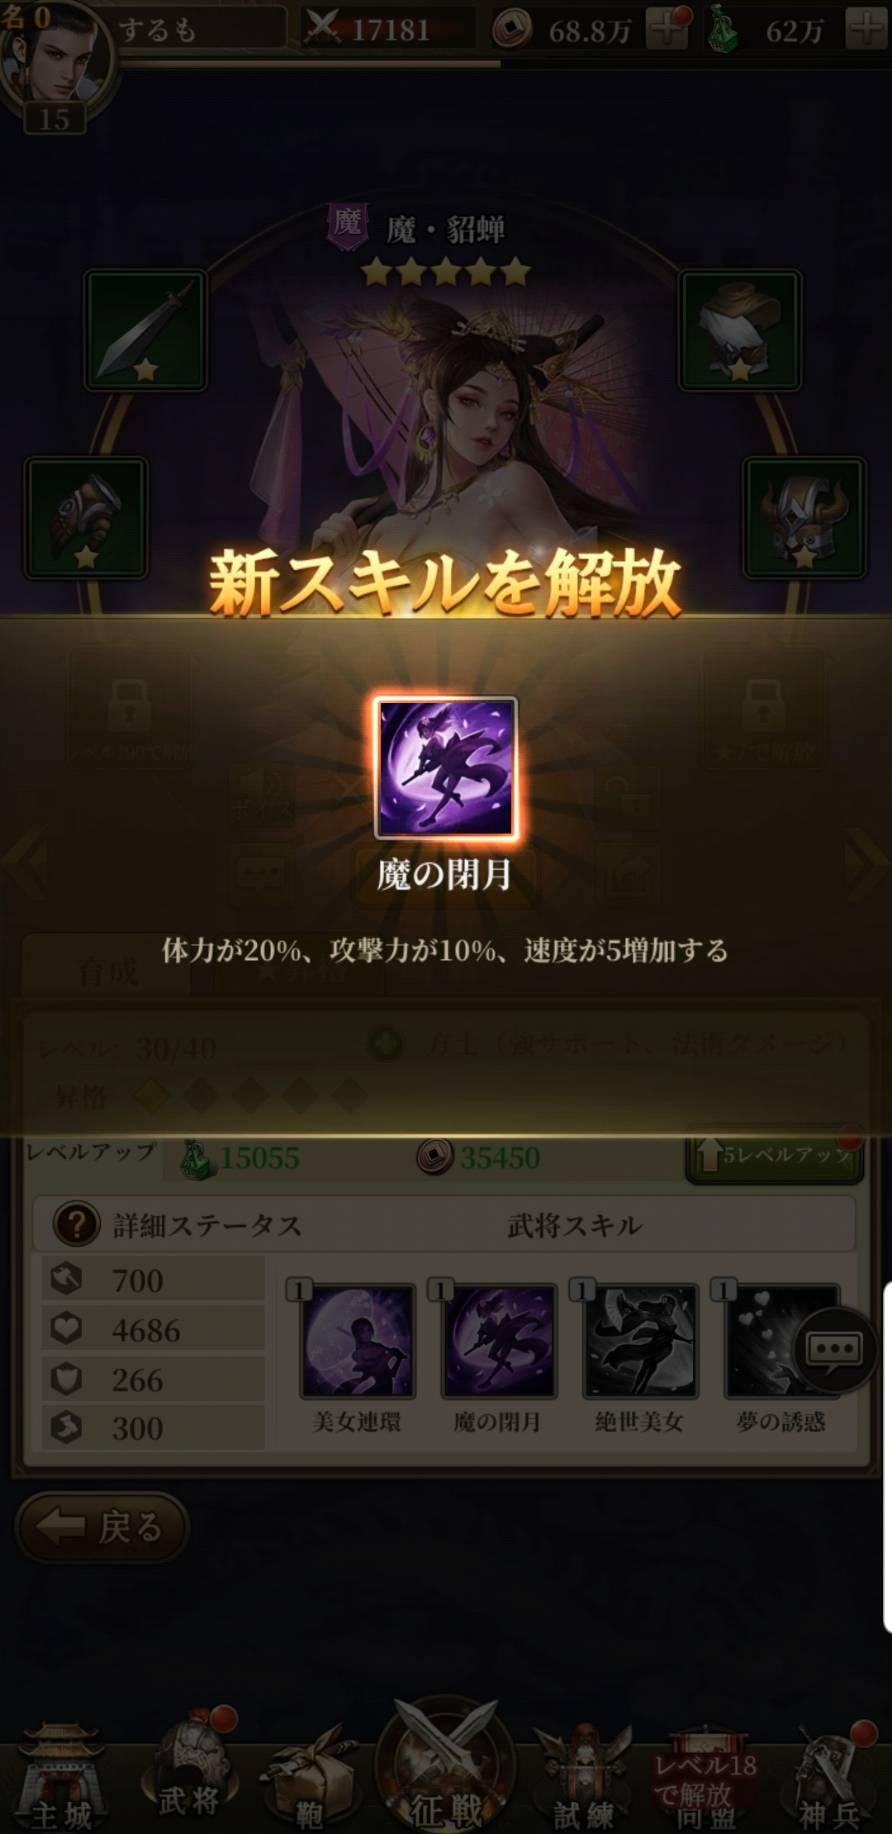 三国武神伝、スキル解放